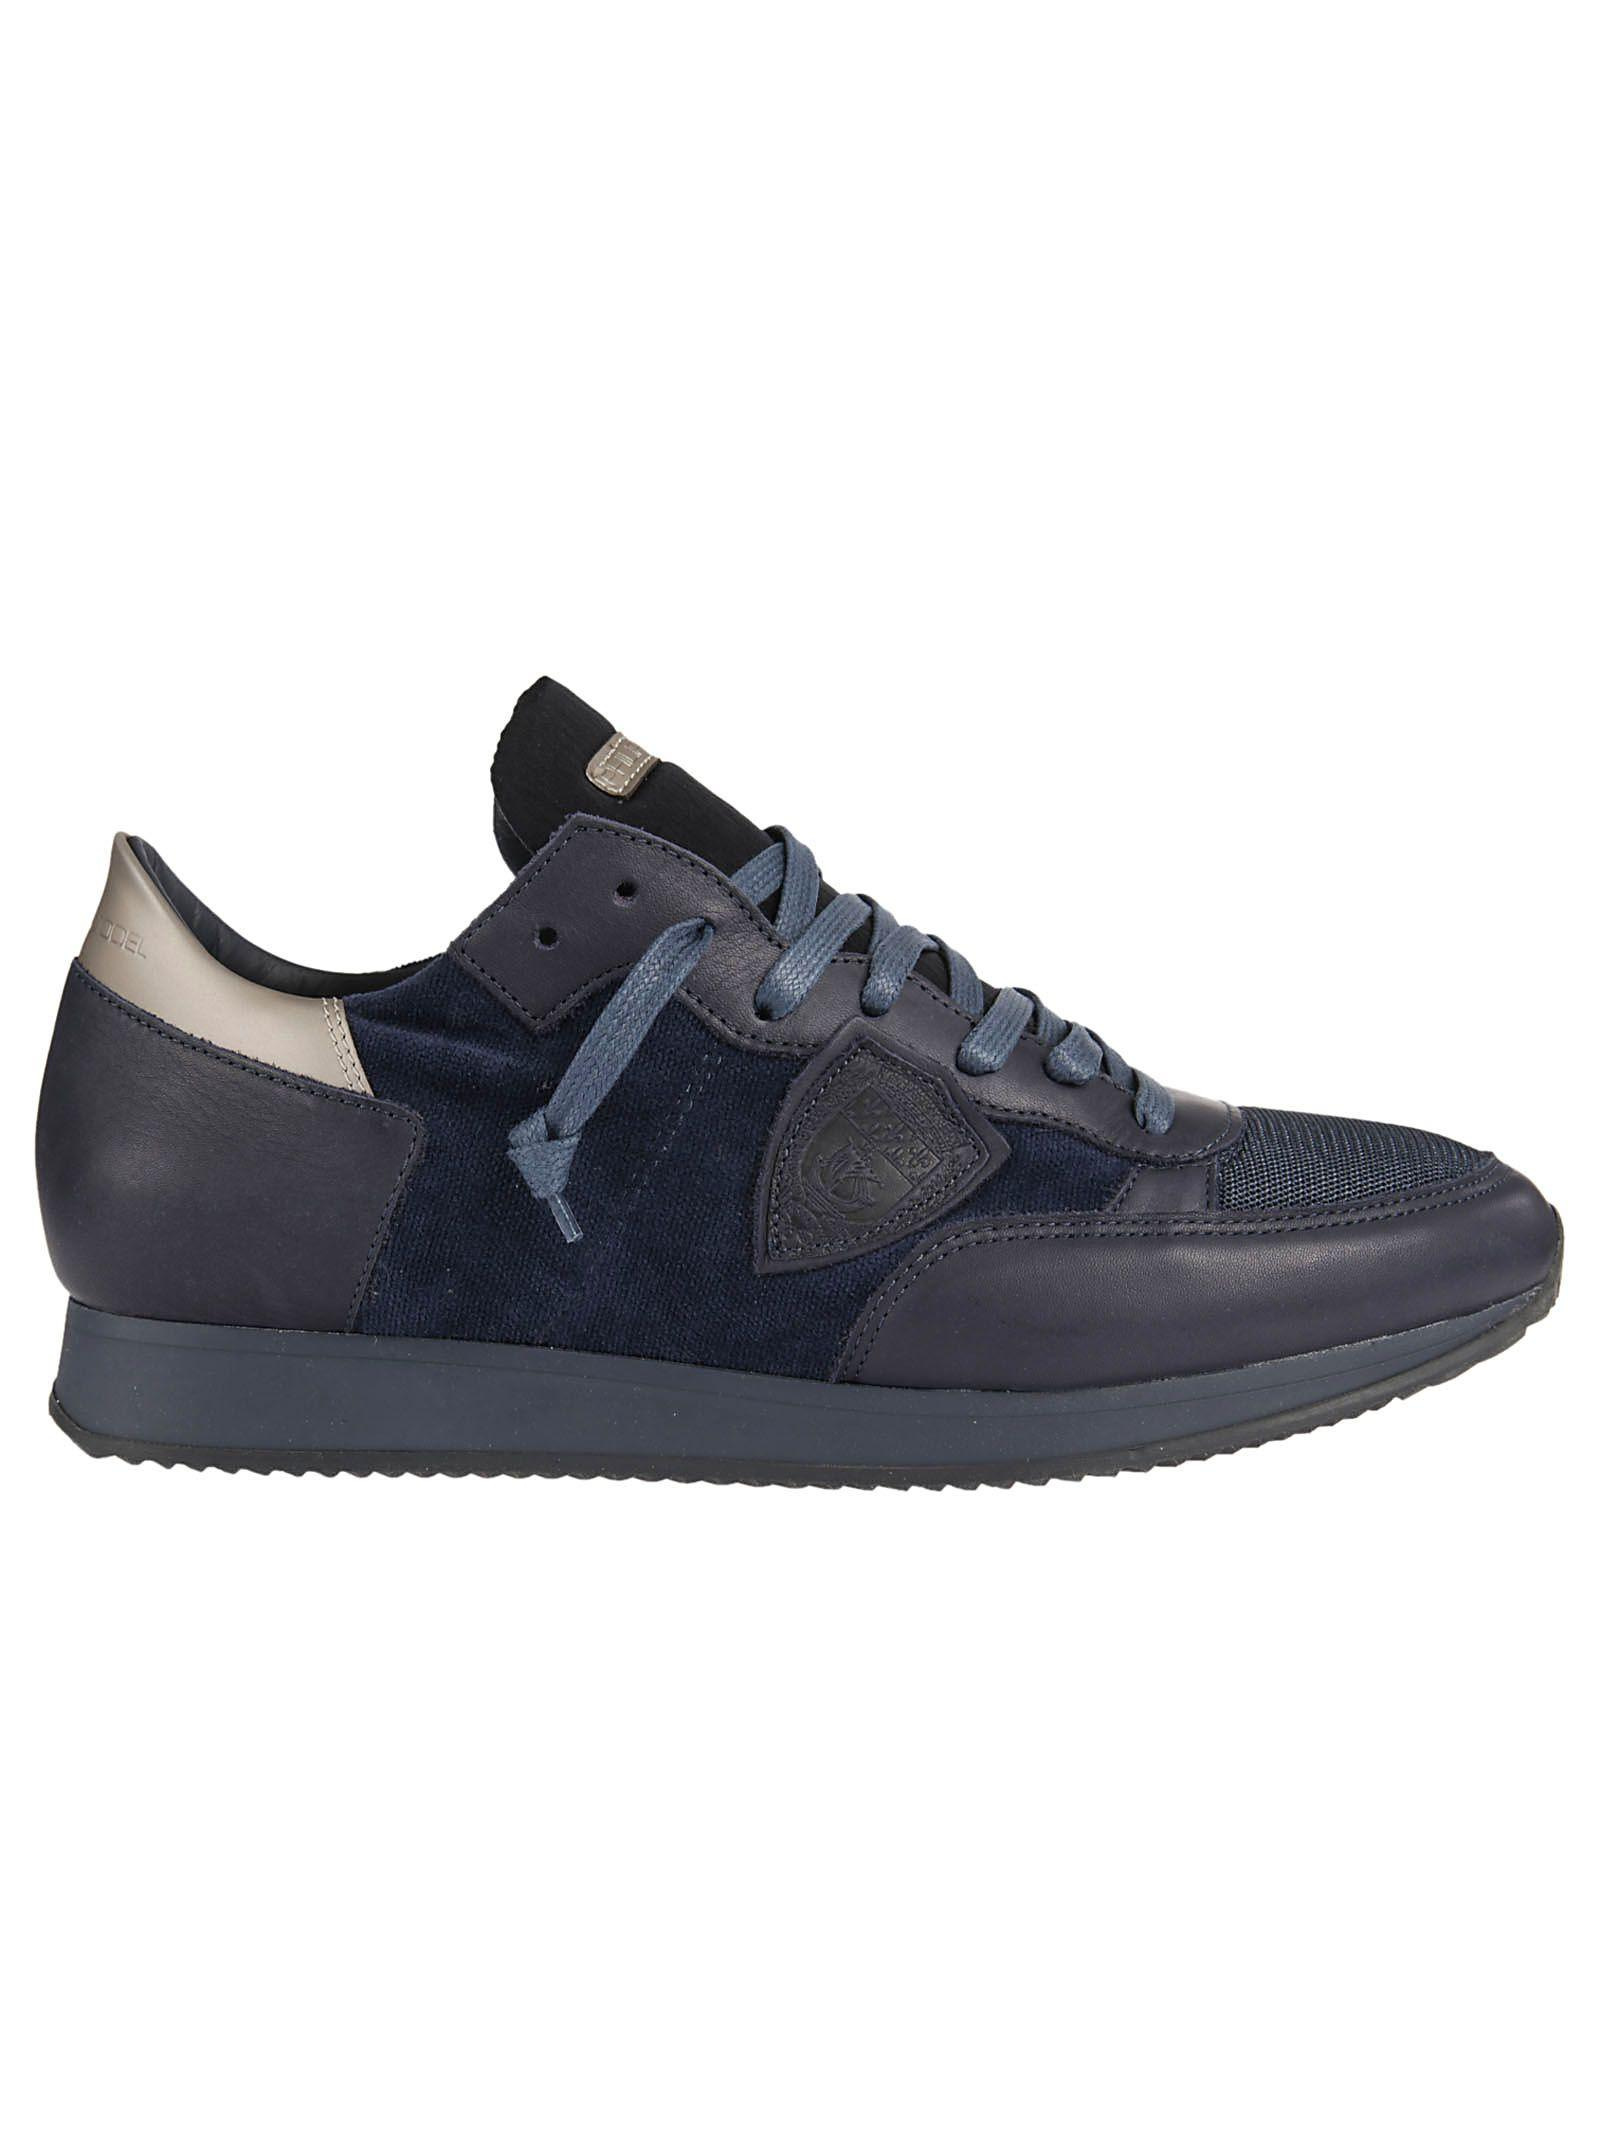 Philippe Model Tonal Sneakers In Bleu